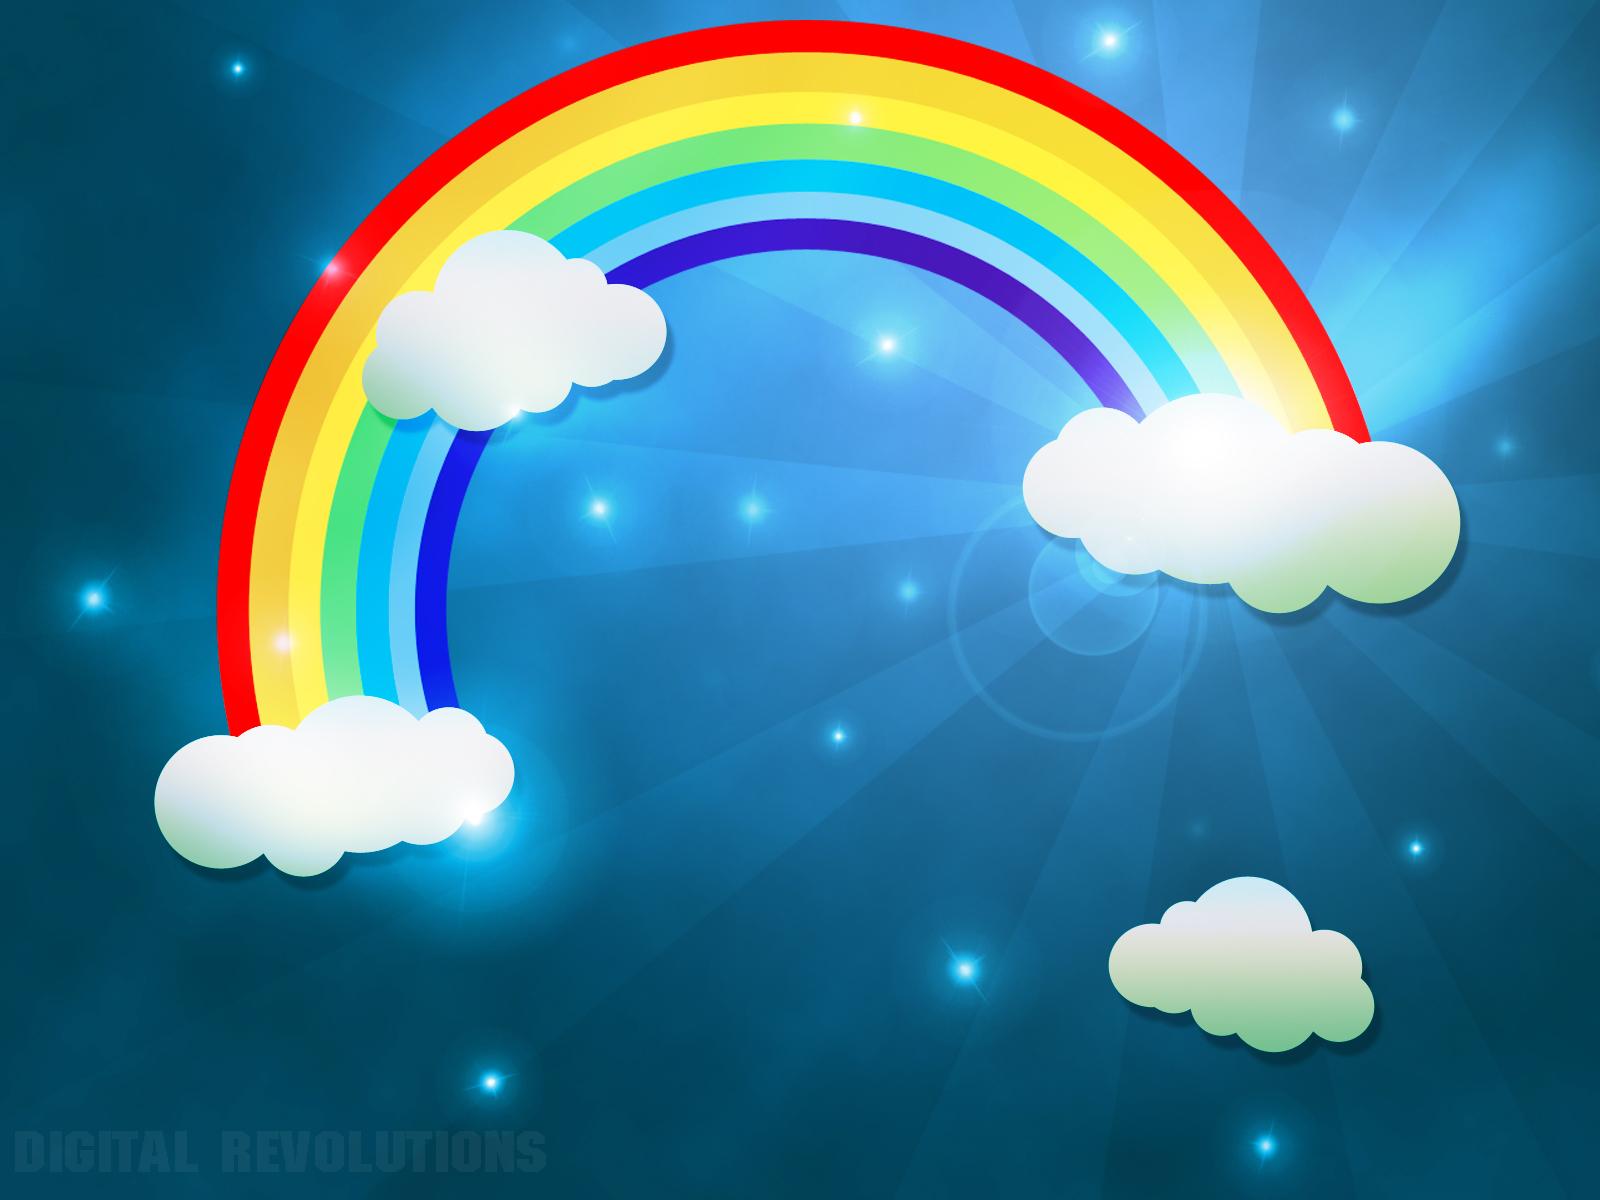 http://3.bp.blogspot.com/-5Z_SEkb1PHI/T6o2dAaz7SI/AAAAAAAAOJ4/V_NJ154CoyU/s1600/rainbow_1600.jpg